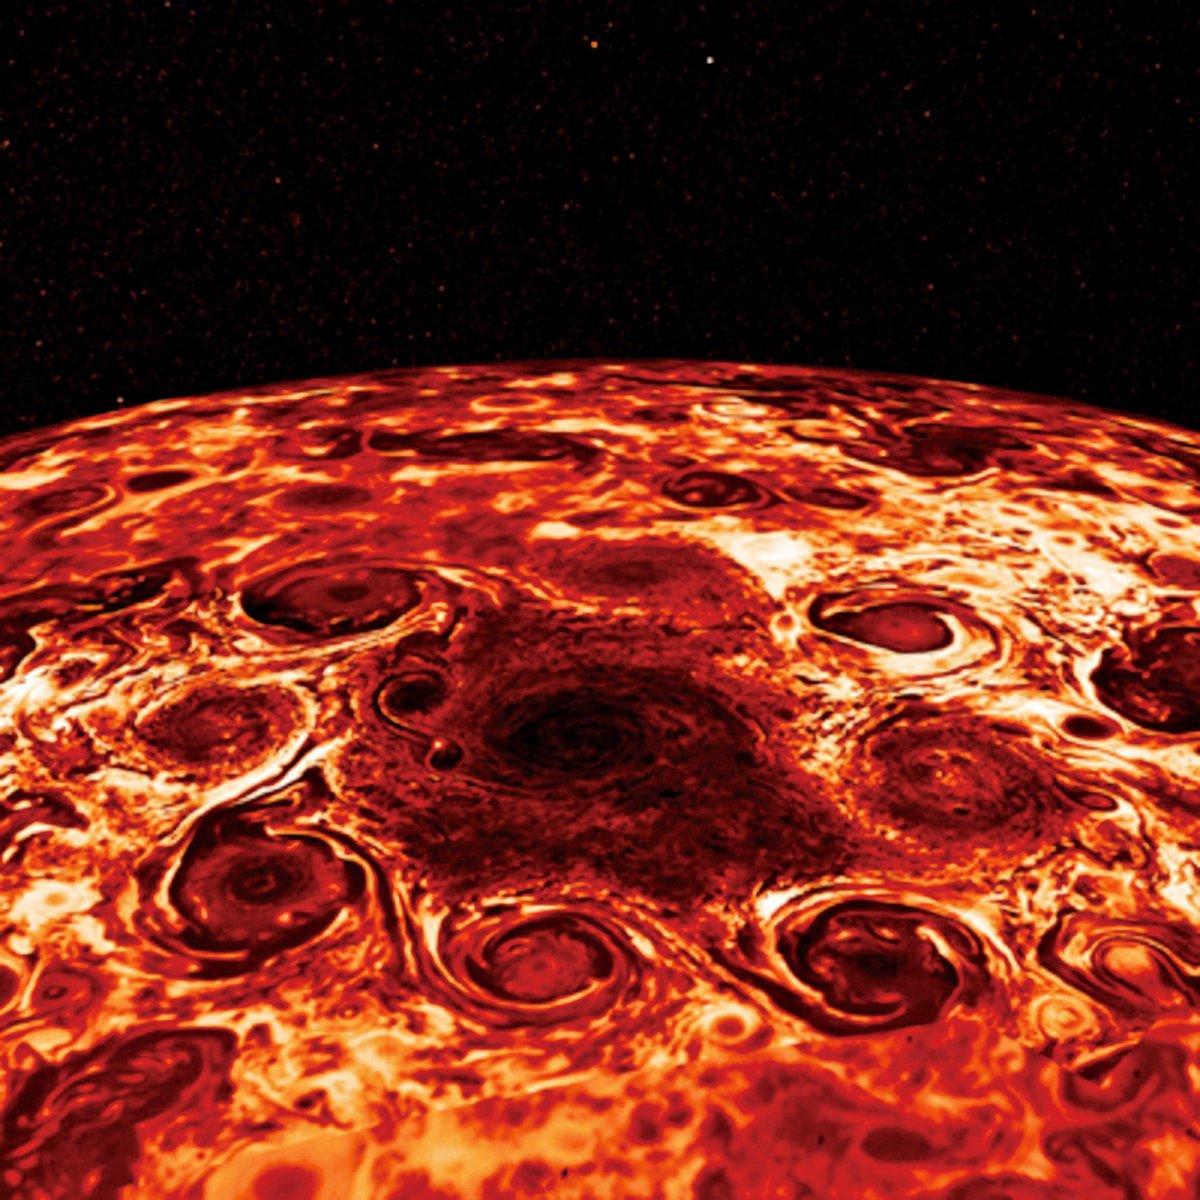 這幅合成圖是是基於木星北極地區的紅外圖像,由NASA的朱諾號探測器木星紅外極光測繪儀(JIRAM)於2017年2月2日捕捉到的木星北極的中央氣旋和其環繞的8個氣旋所衍生的。(NASA)